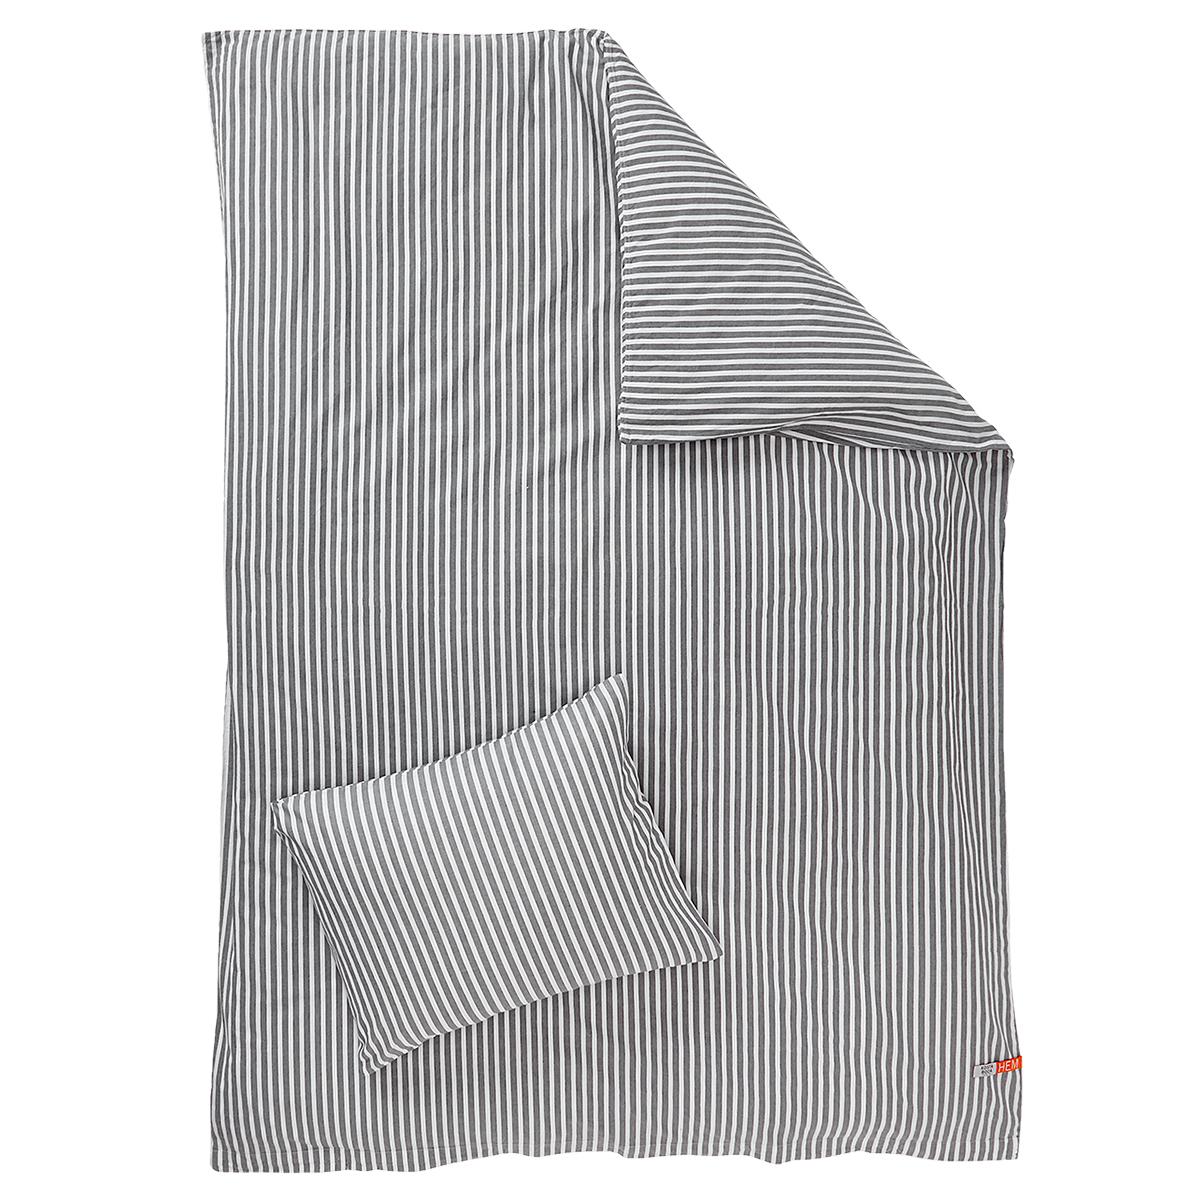 Billede af Kosta Boda sengetøj - Västerviks